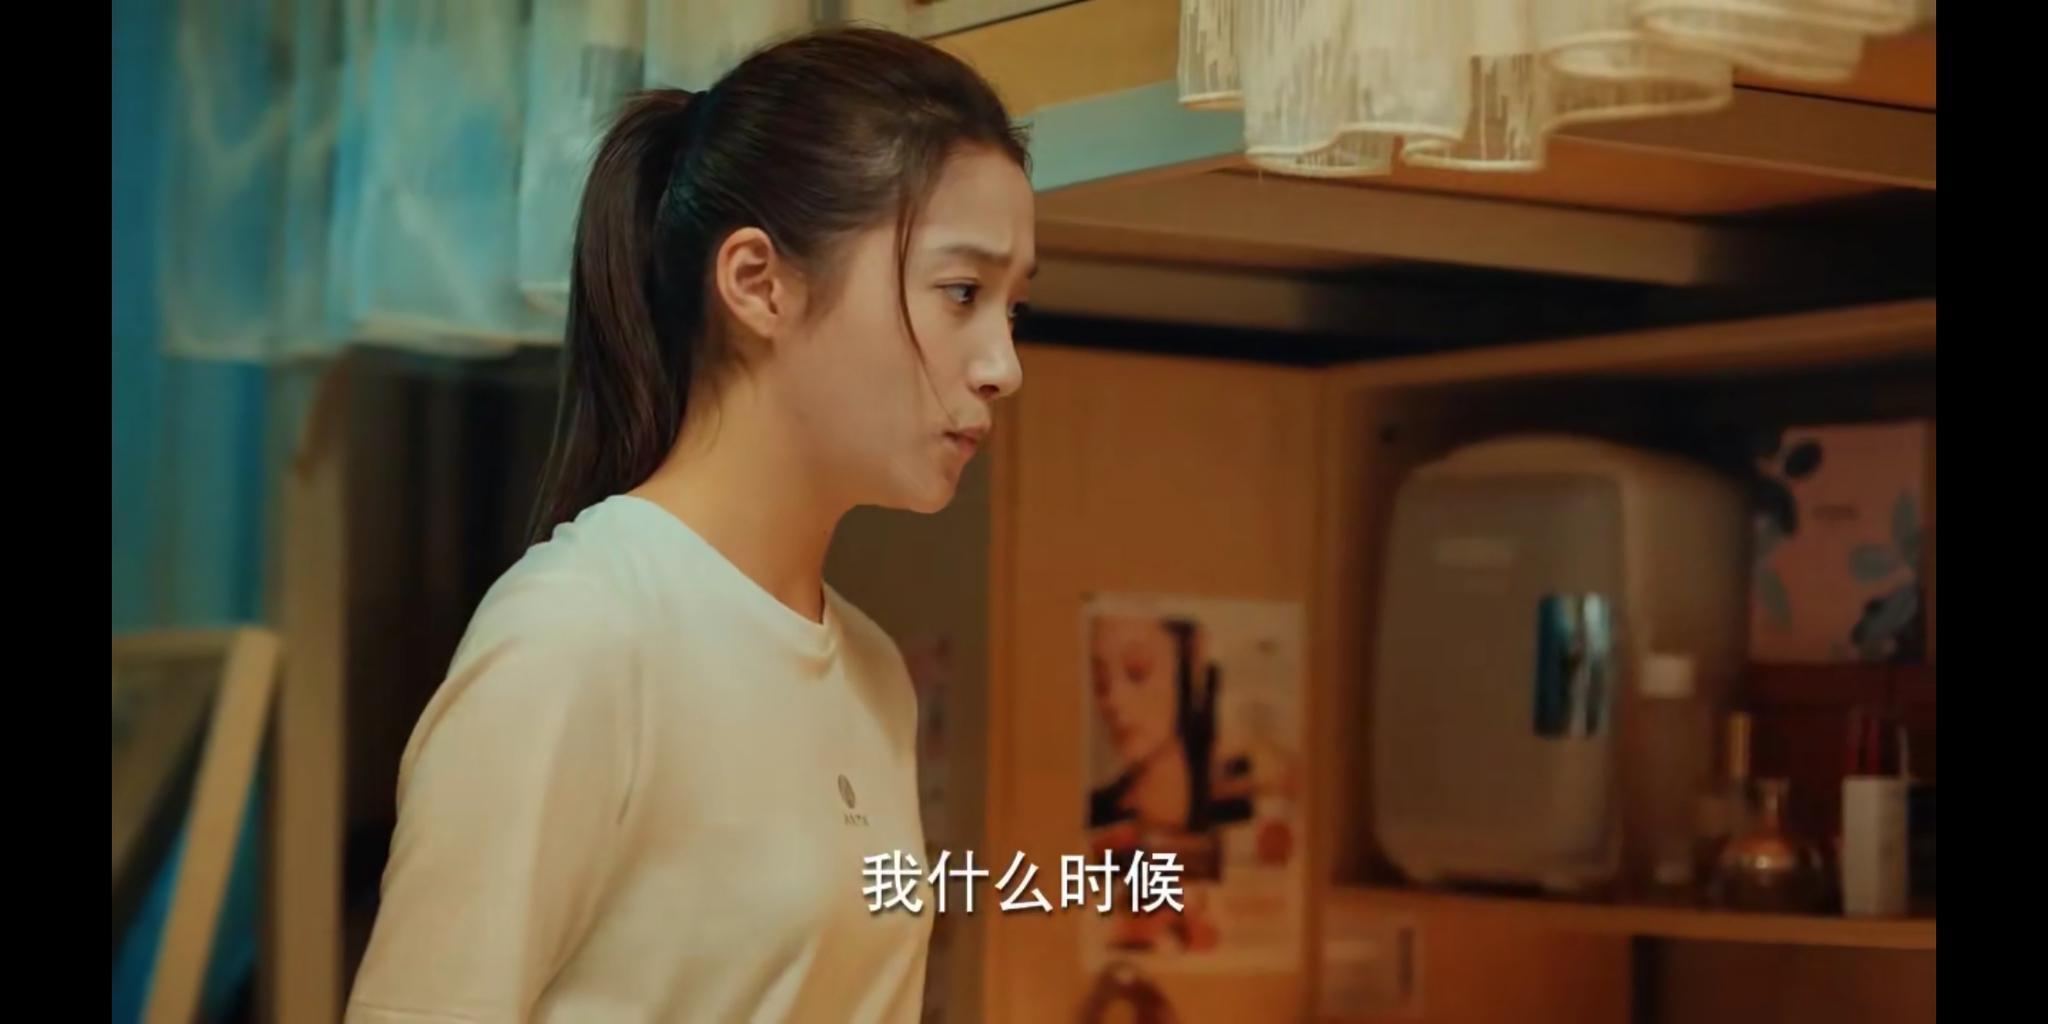 关晓彤/卜冠今/李庚希/董思怡听到爽姐这一句石头大宝手中的烤红薯瞬